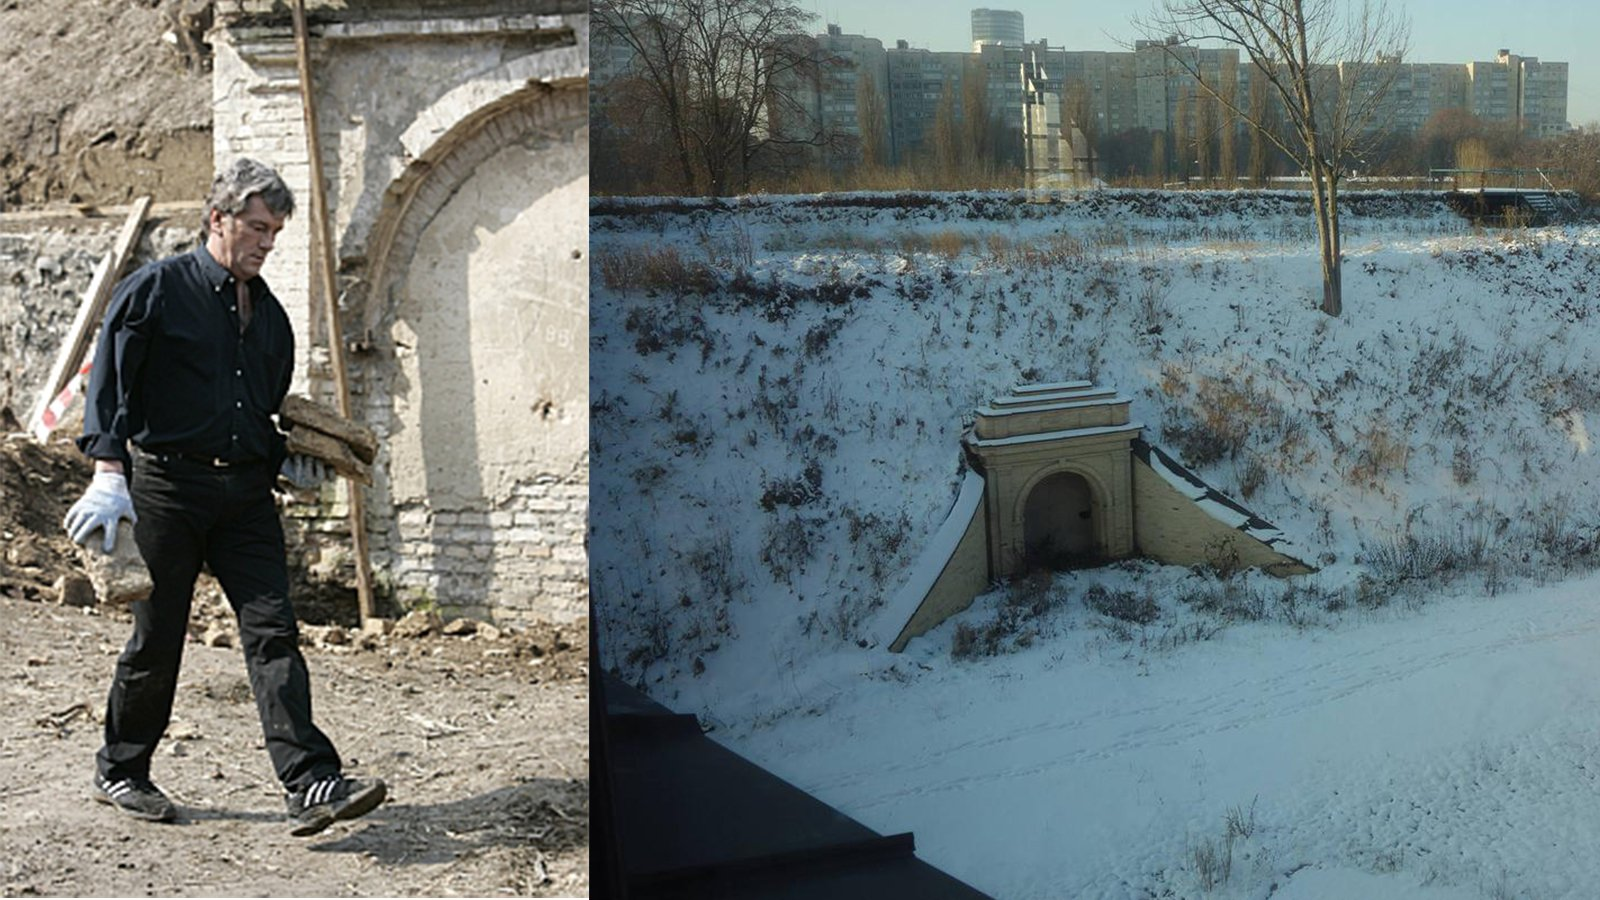 Під валом цитаделі є багато потерн – підземних кам'яних споруд. У розчистці і реставрації потерни позаду Мистецького арсеналу брав участь особисто Віктор Ющенко.